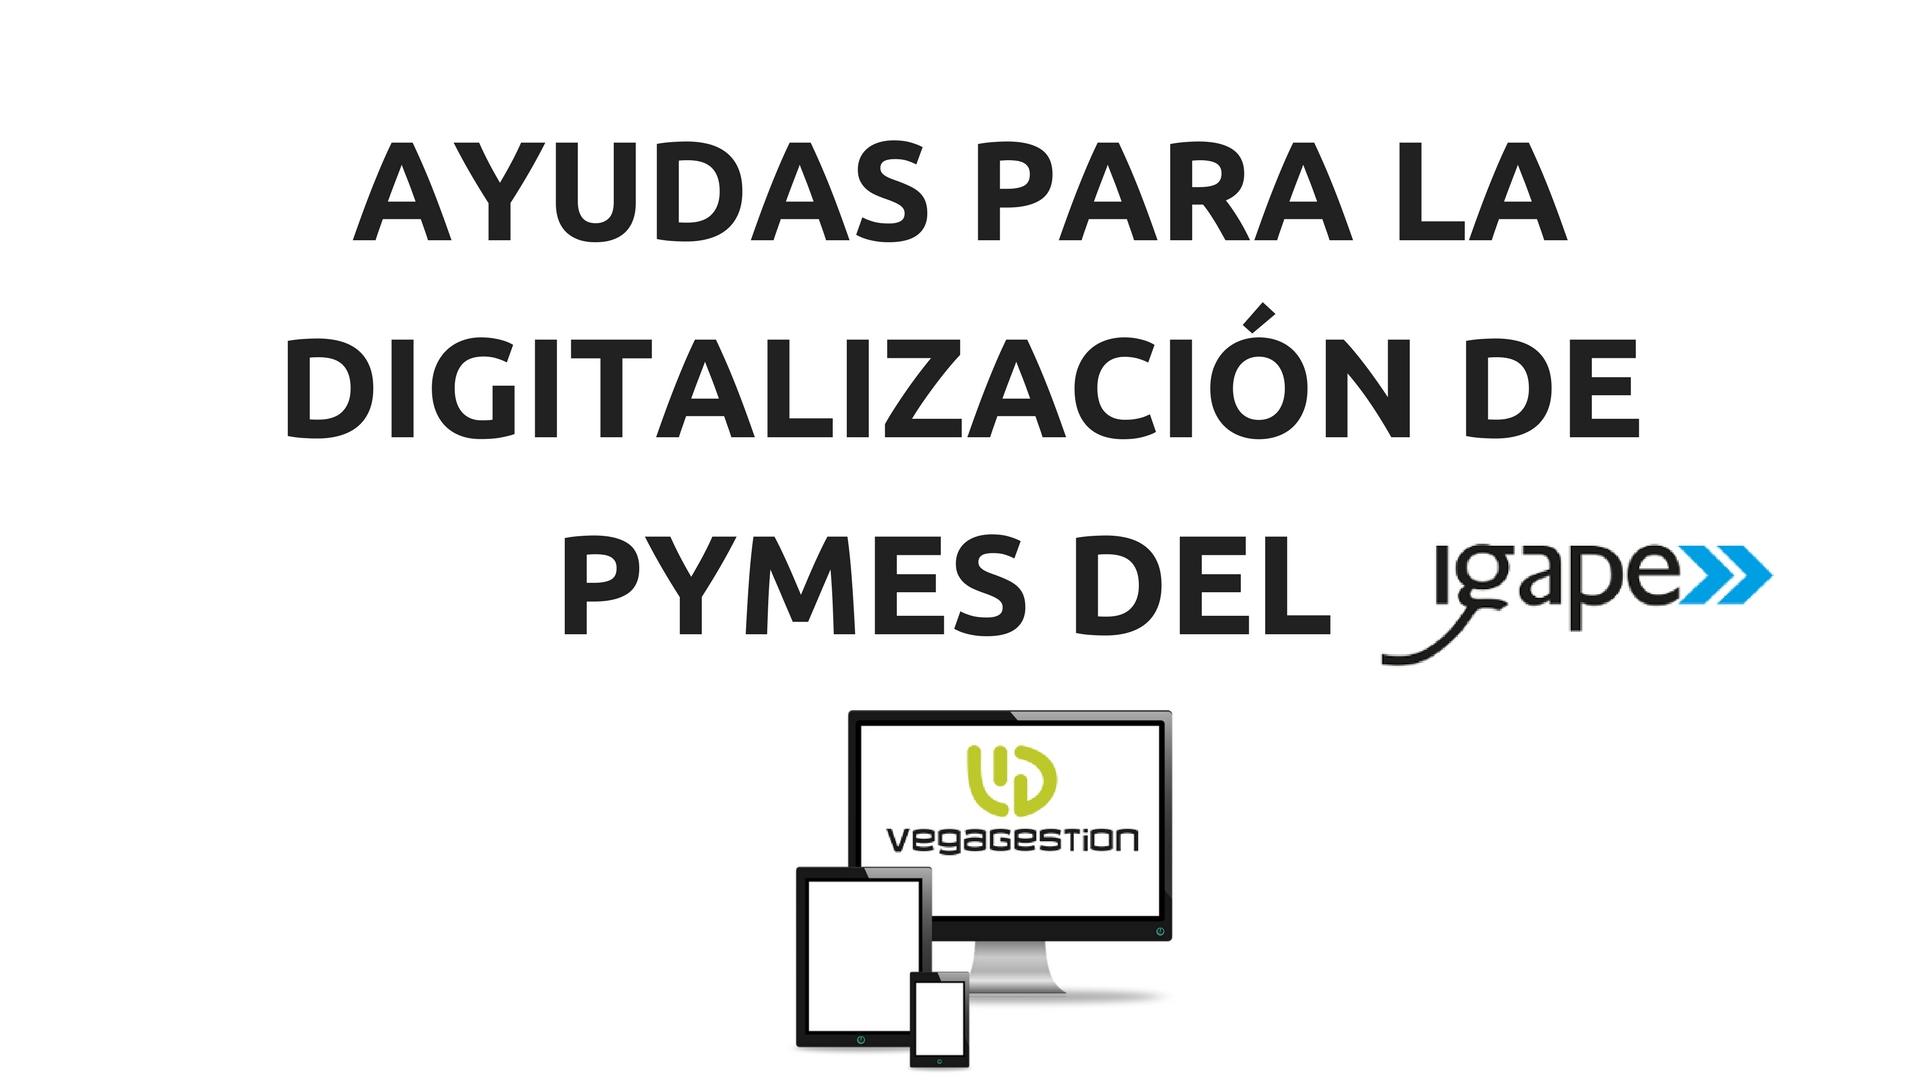 oportunidad-para-digitalizar-tu-negocio-a-traves-del-igape-1920